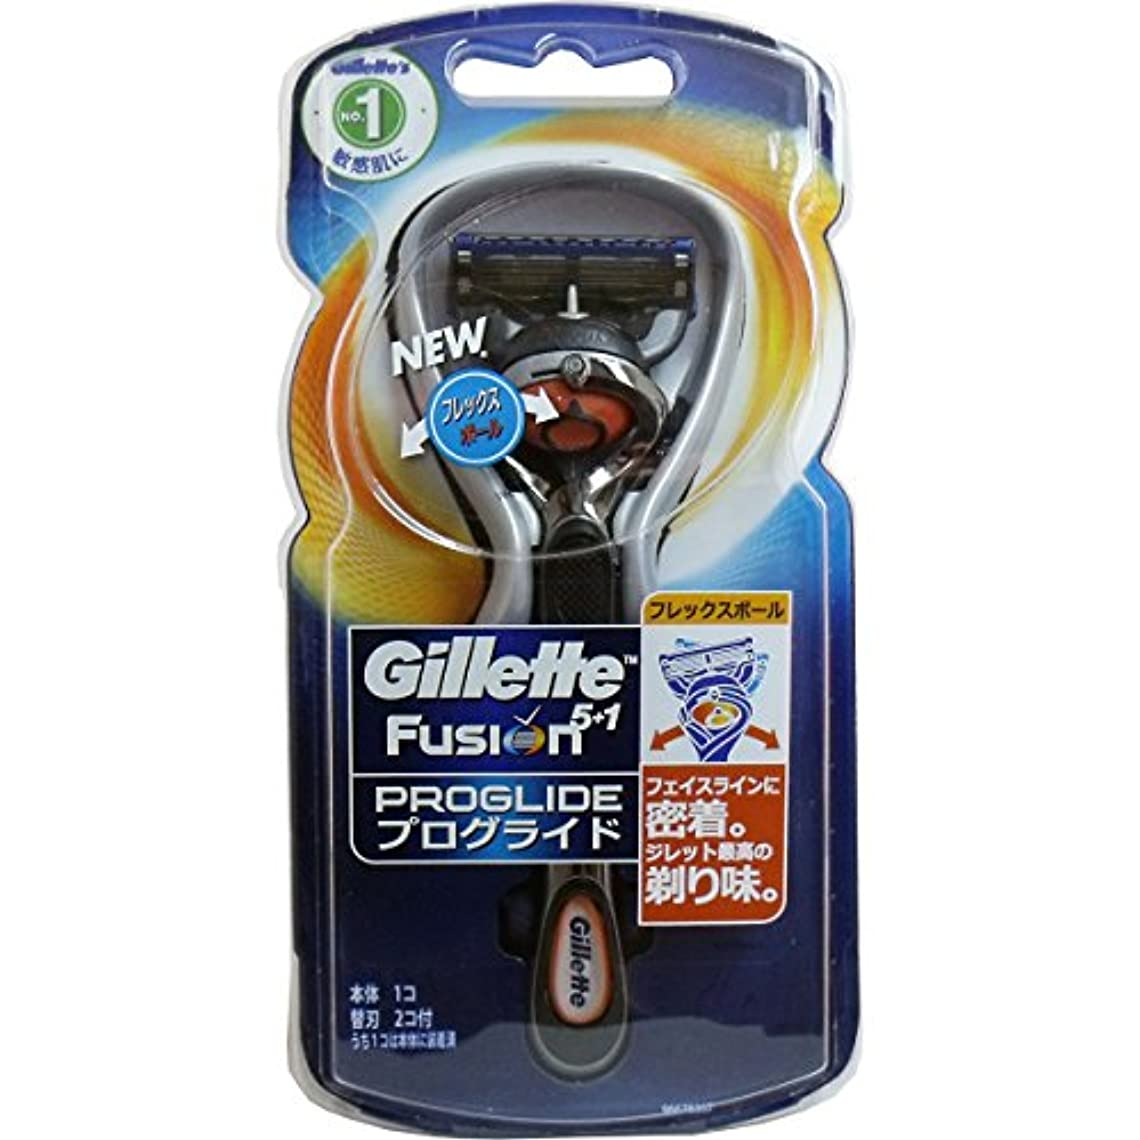 しかしながら内なる精通した【P&G】ジレット プログライド フレックスボール マニュアル ホルダー 替刃2個付 ×10個セット